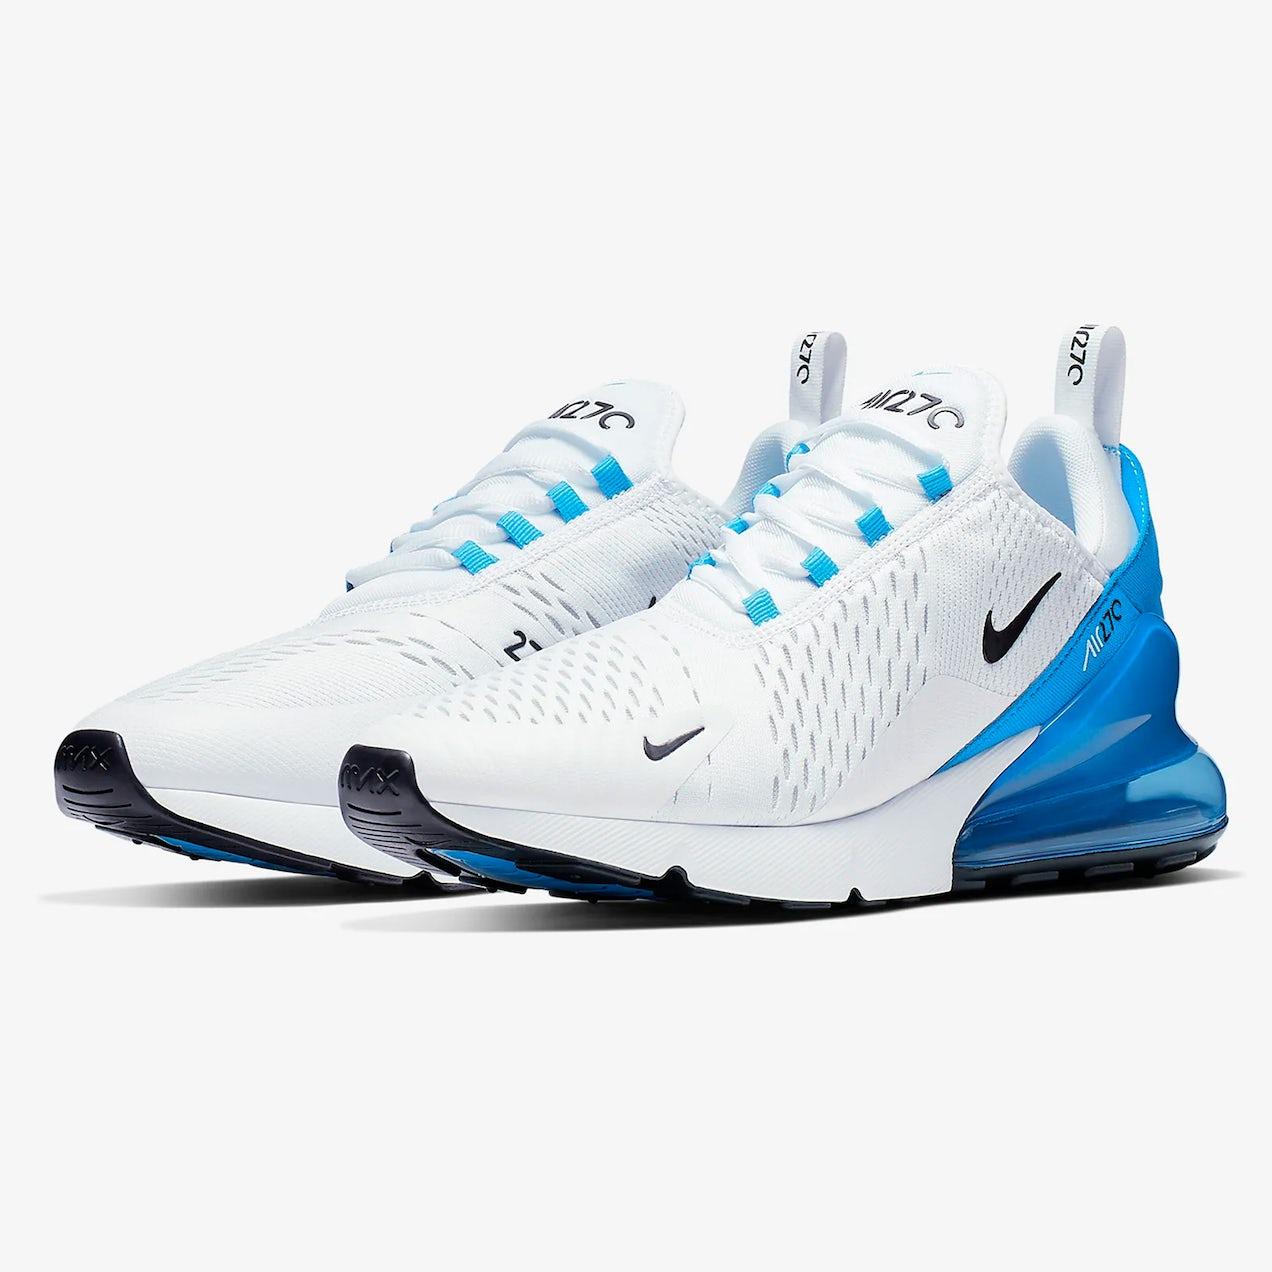 7c203633df53f Amazon Best Men's Running Sneakers // ONE37pm